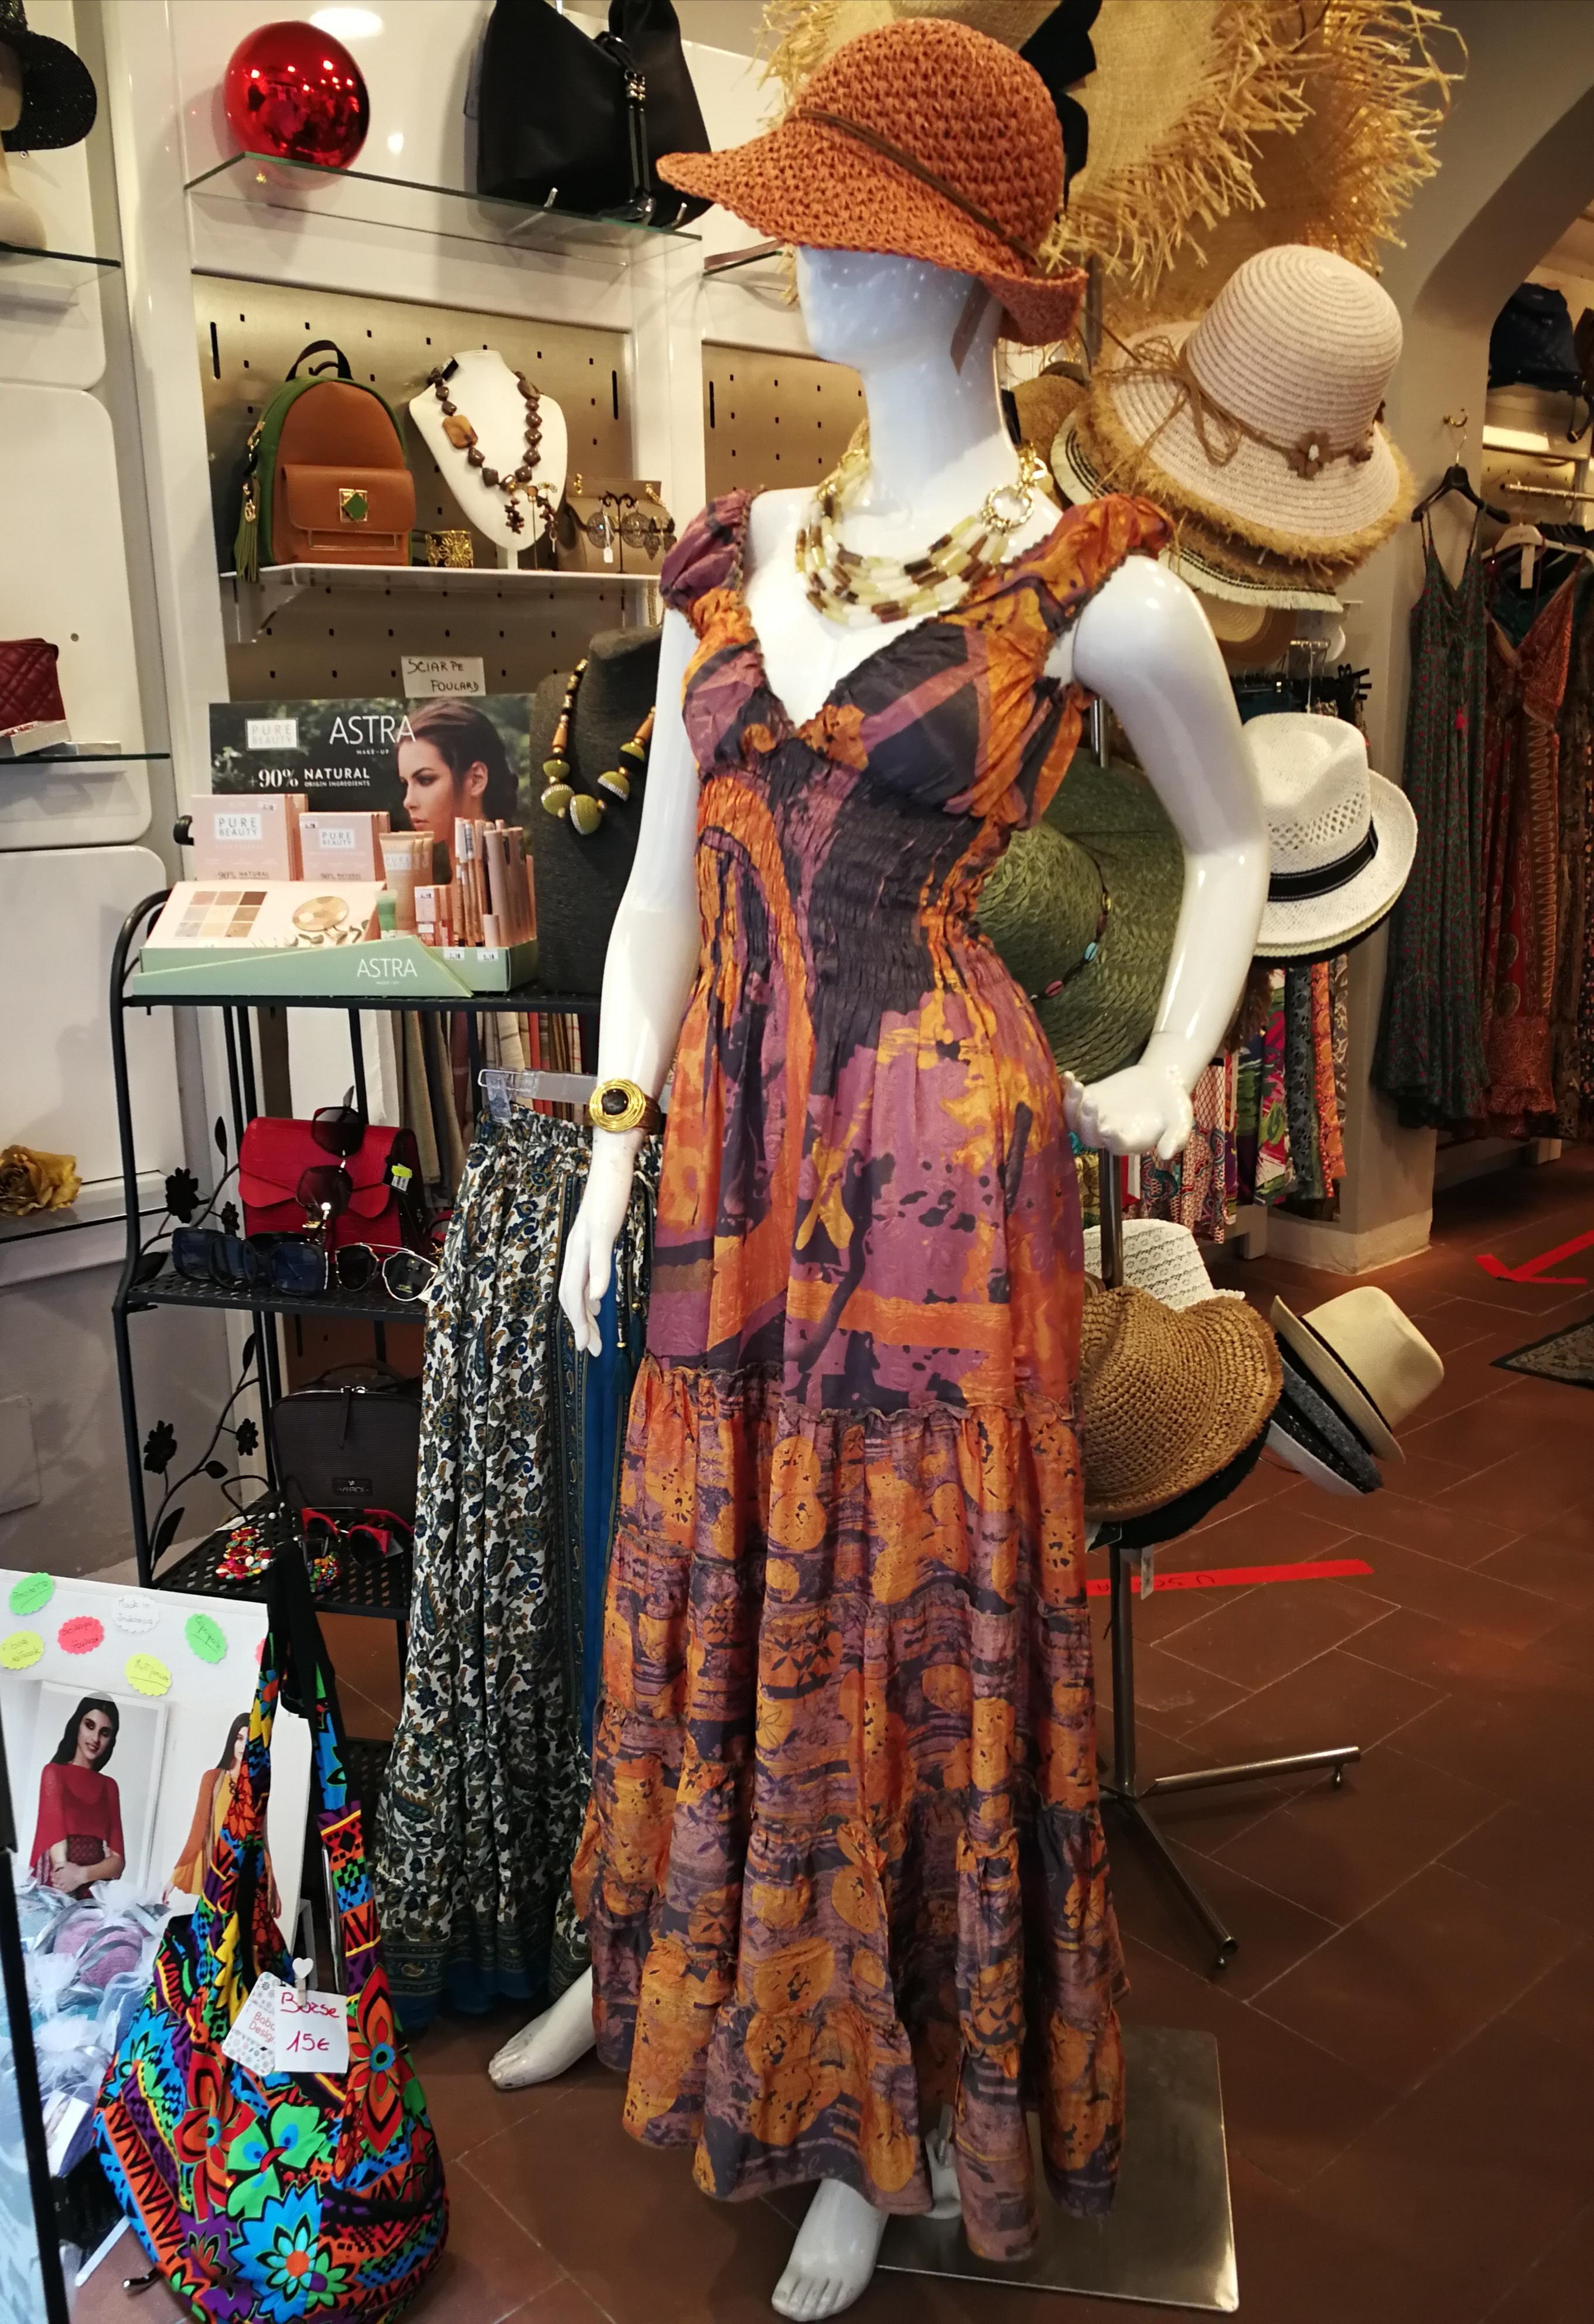 Vestito donna lungo Bohemien Chic | Vendita online abbigliamento etnico